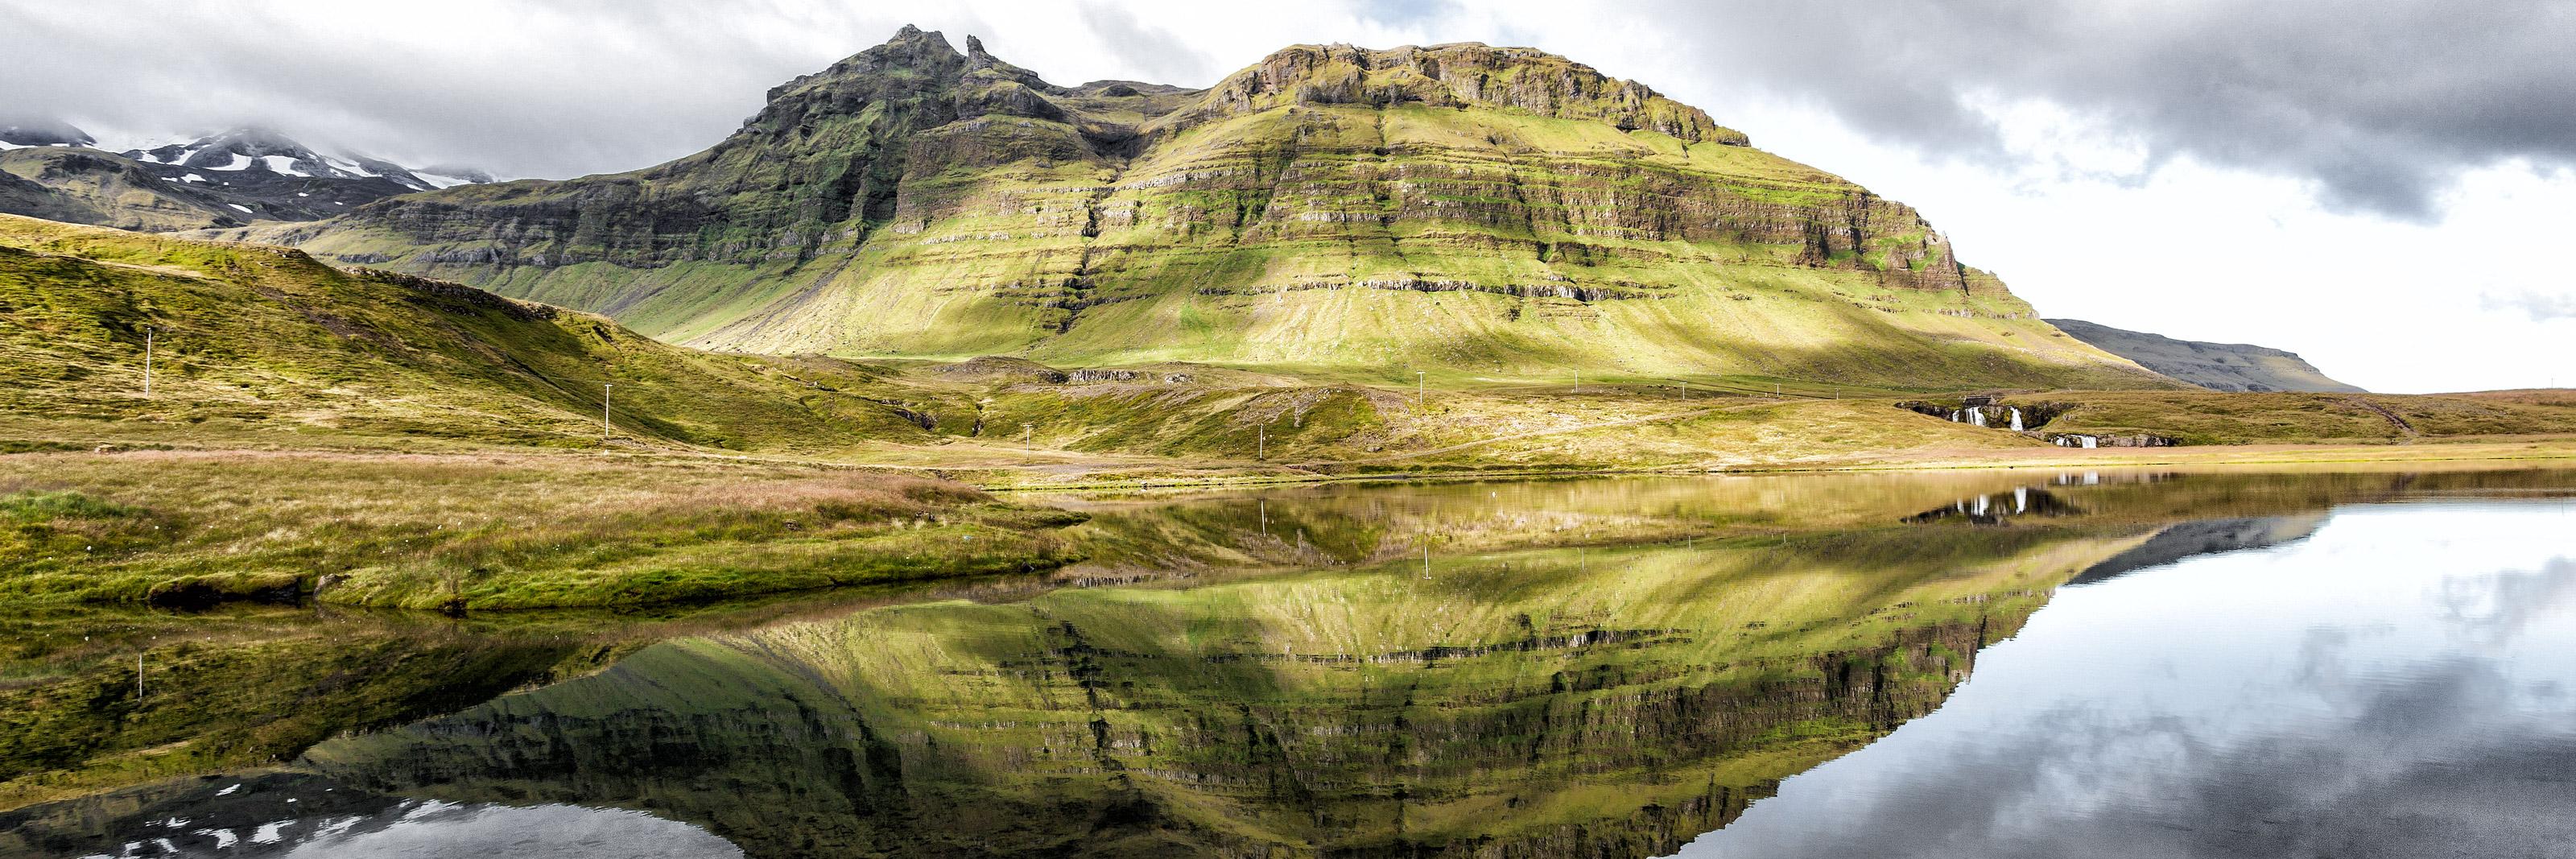 Image sommaire RÉCIT ISLANDE 2009 PARTIE 3. Reflet dans le lac devant la montagne Kirkjufell.